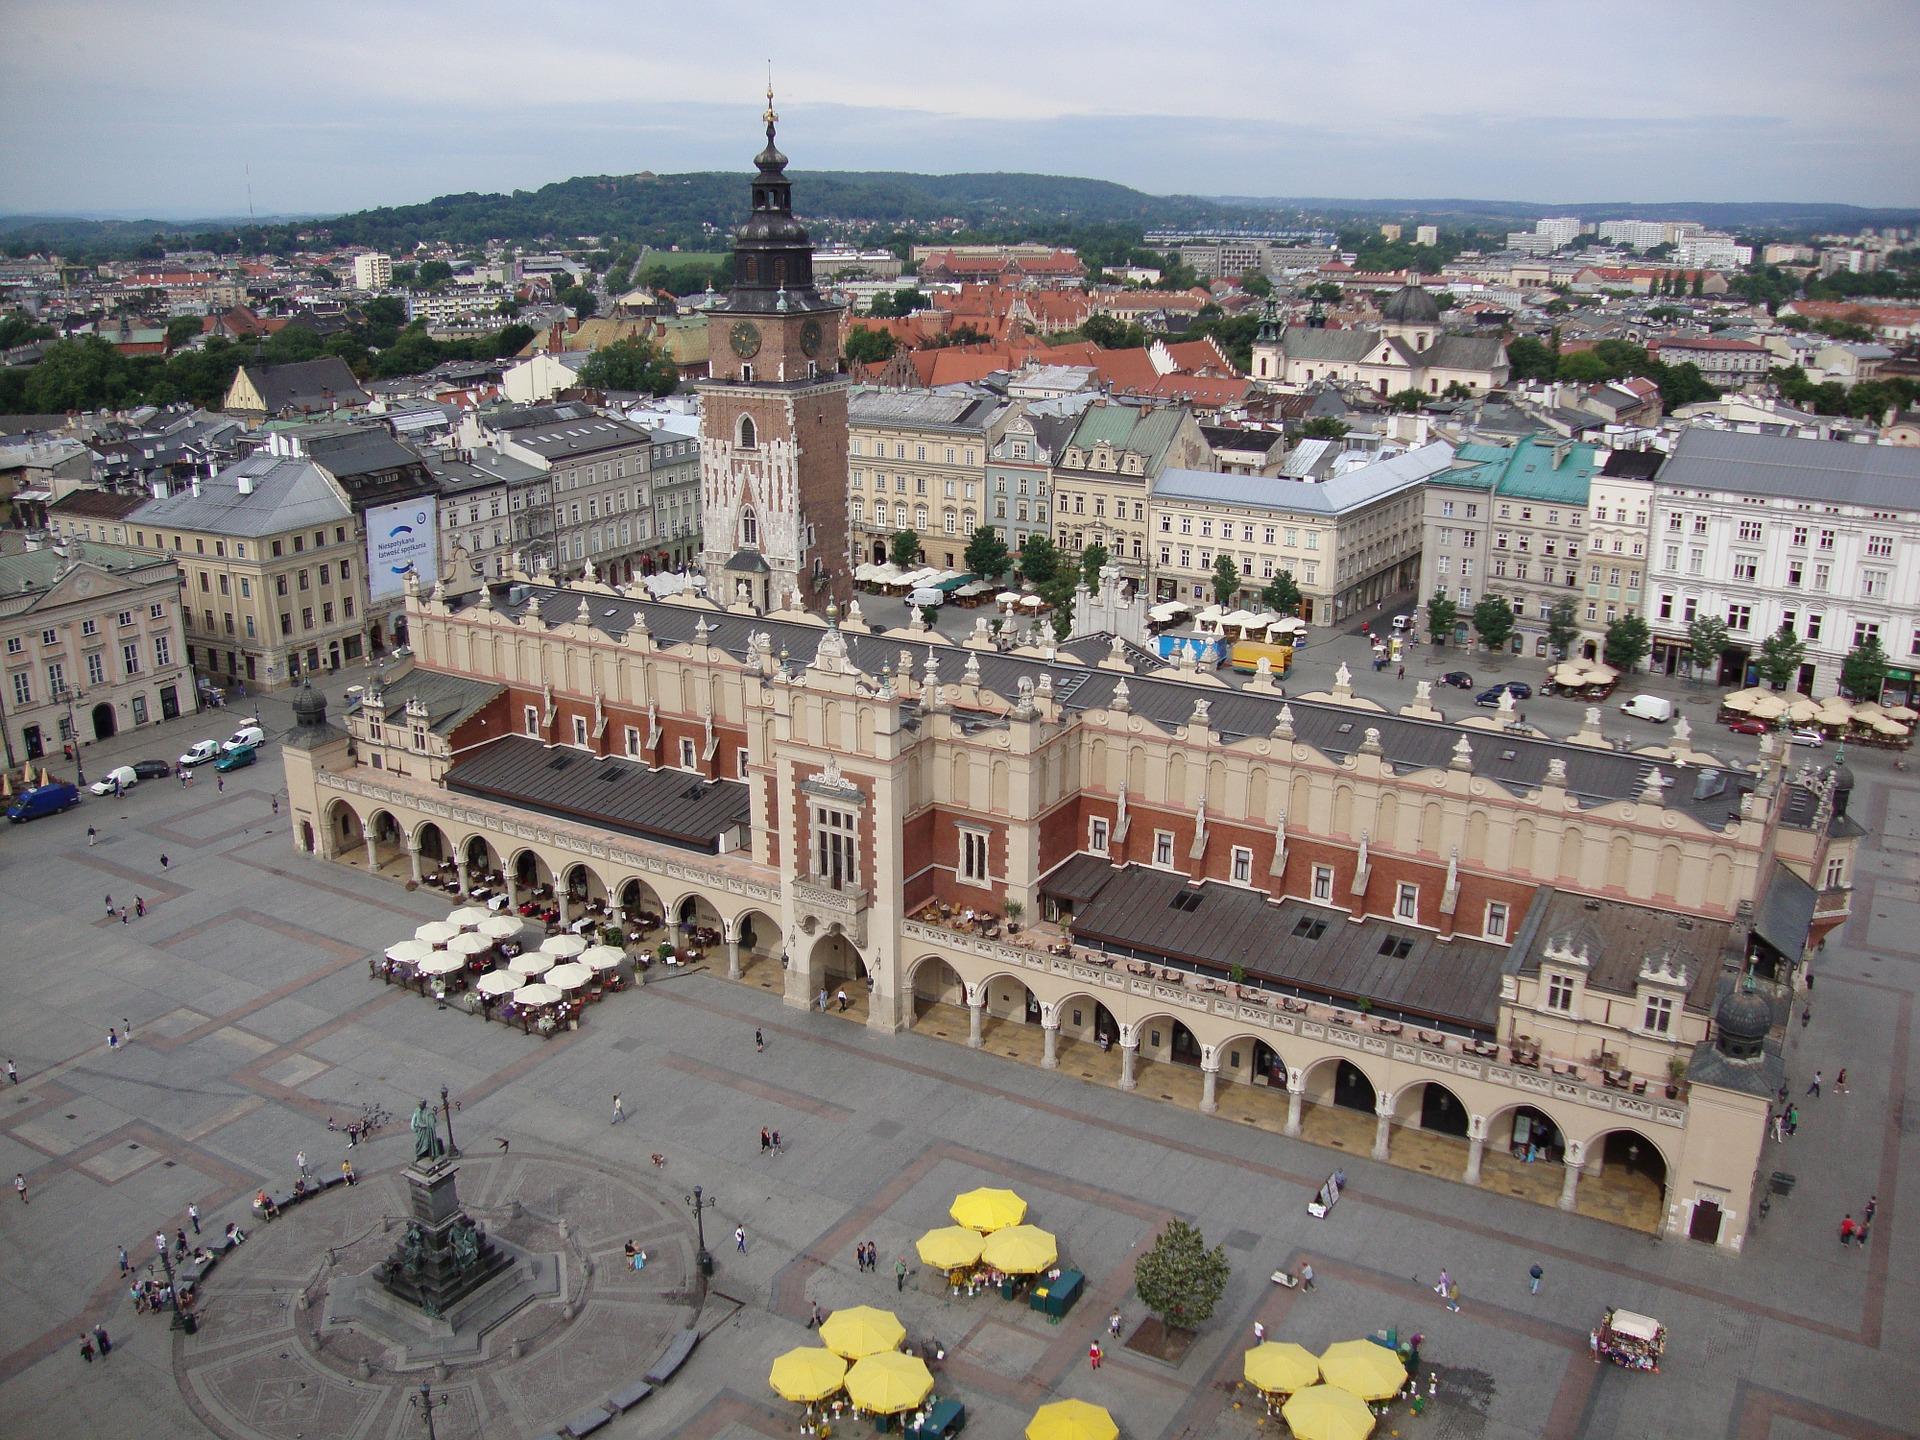 Nocna prohibicja w Krakowie wstrzymana